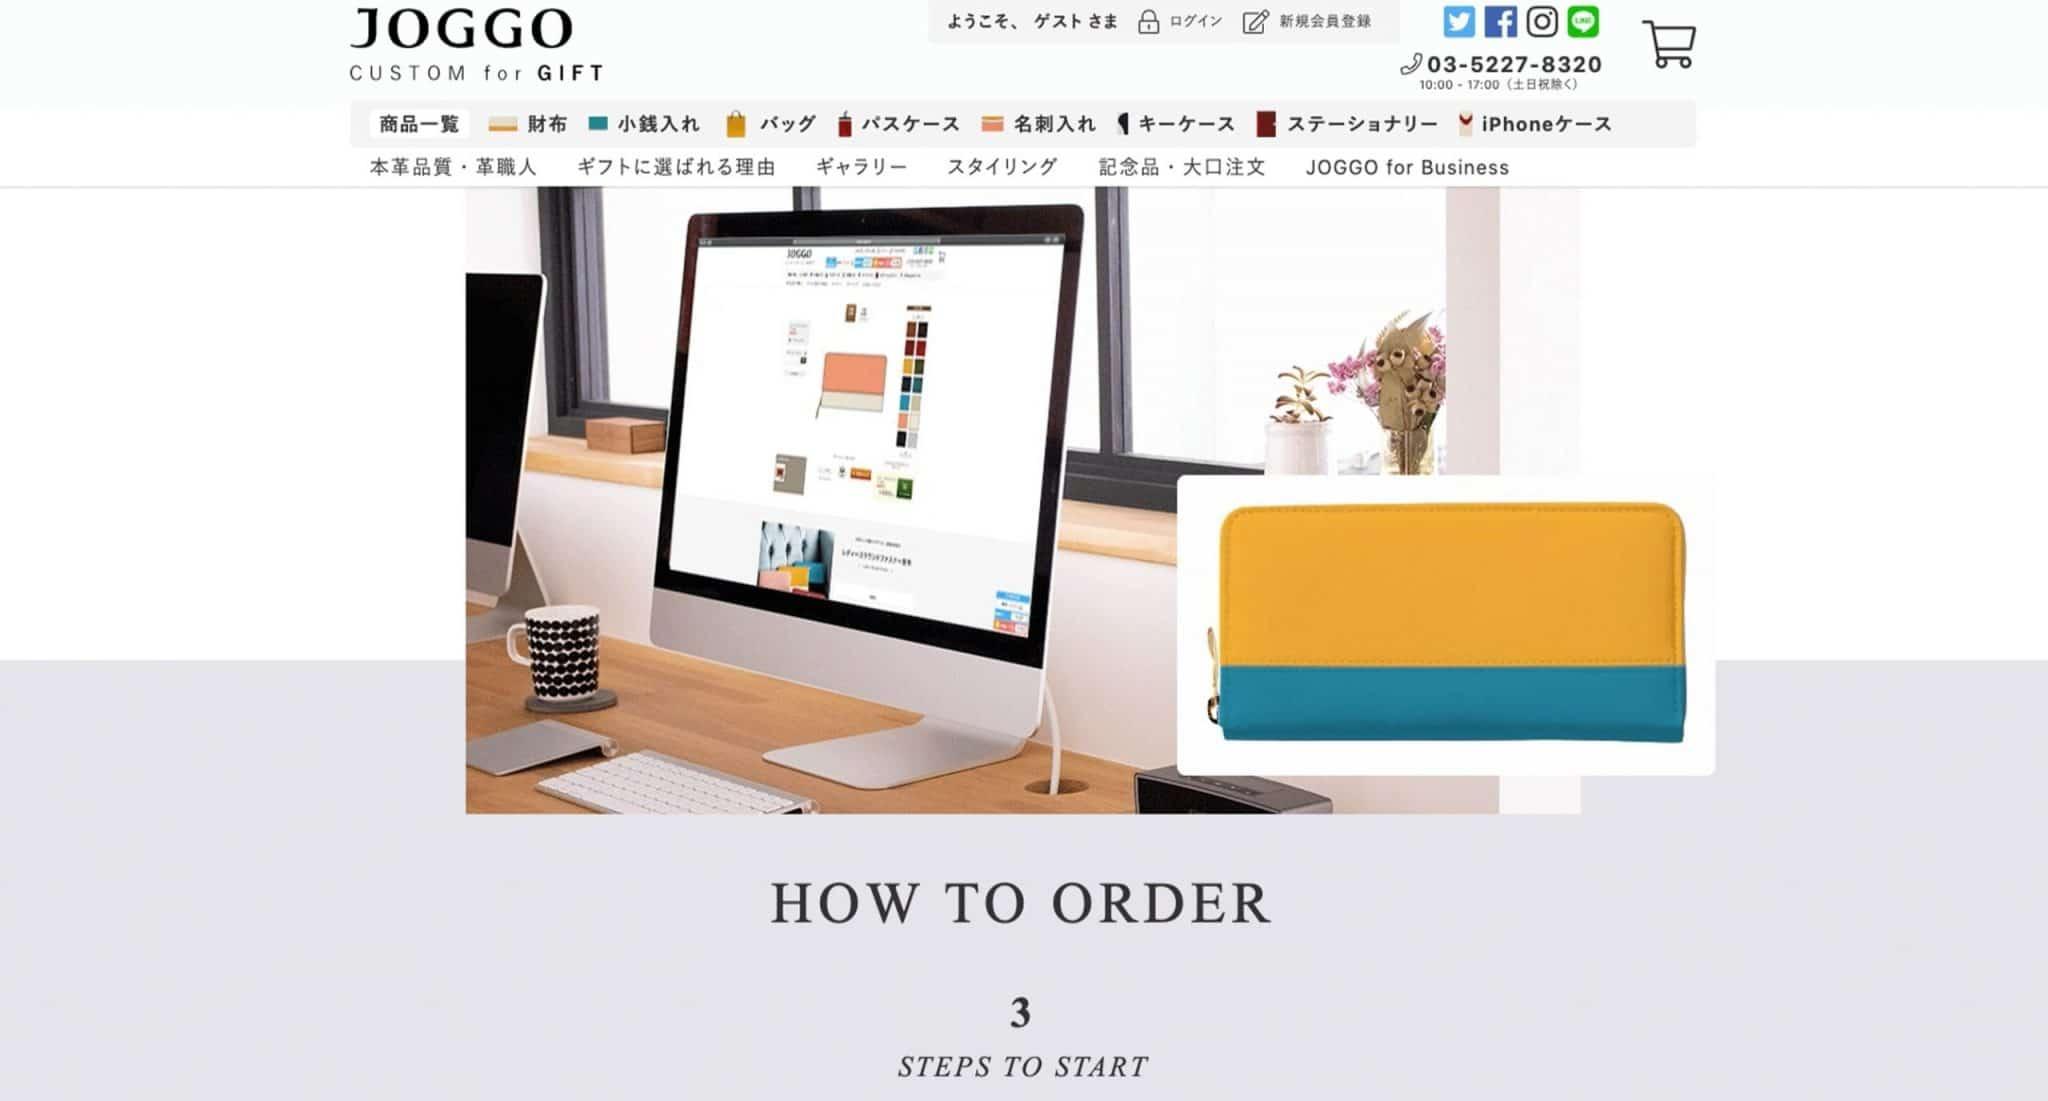 本革オーダーメイドでつくるプレゼント専門店「JOGGO」